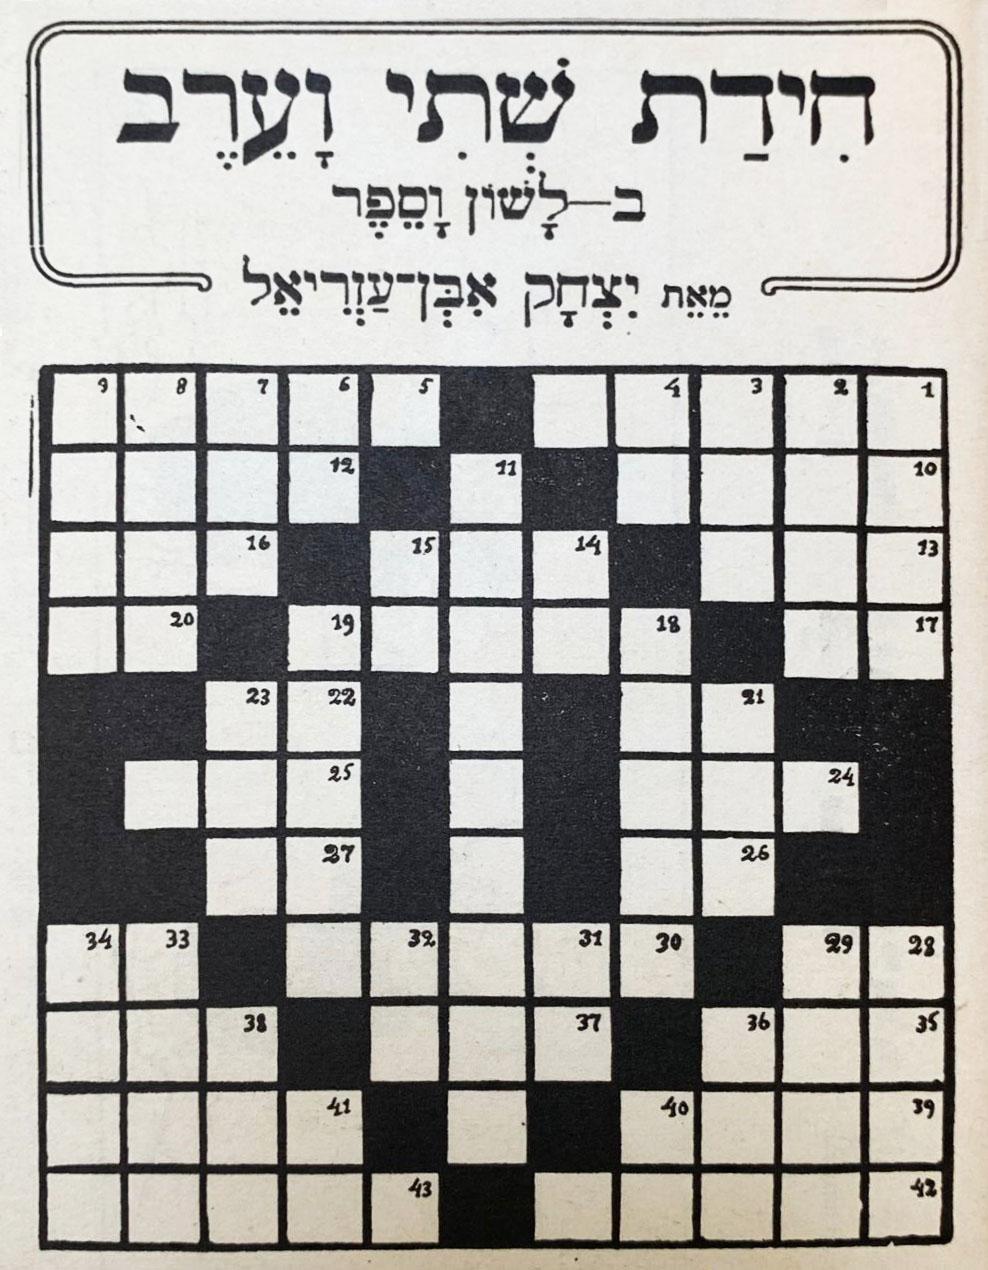 תשחץ לשון יהודי ספרדי לדינו